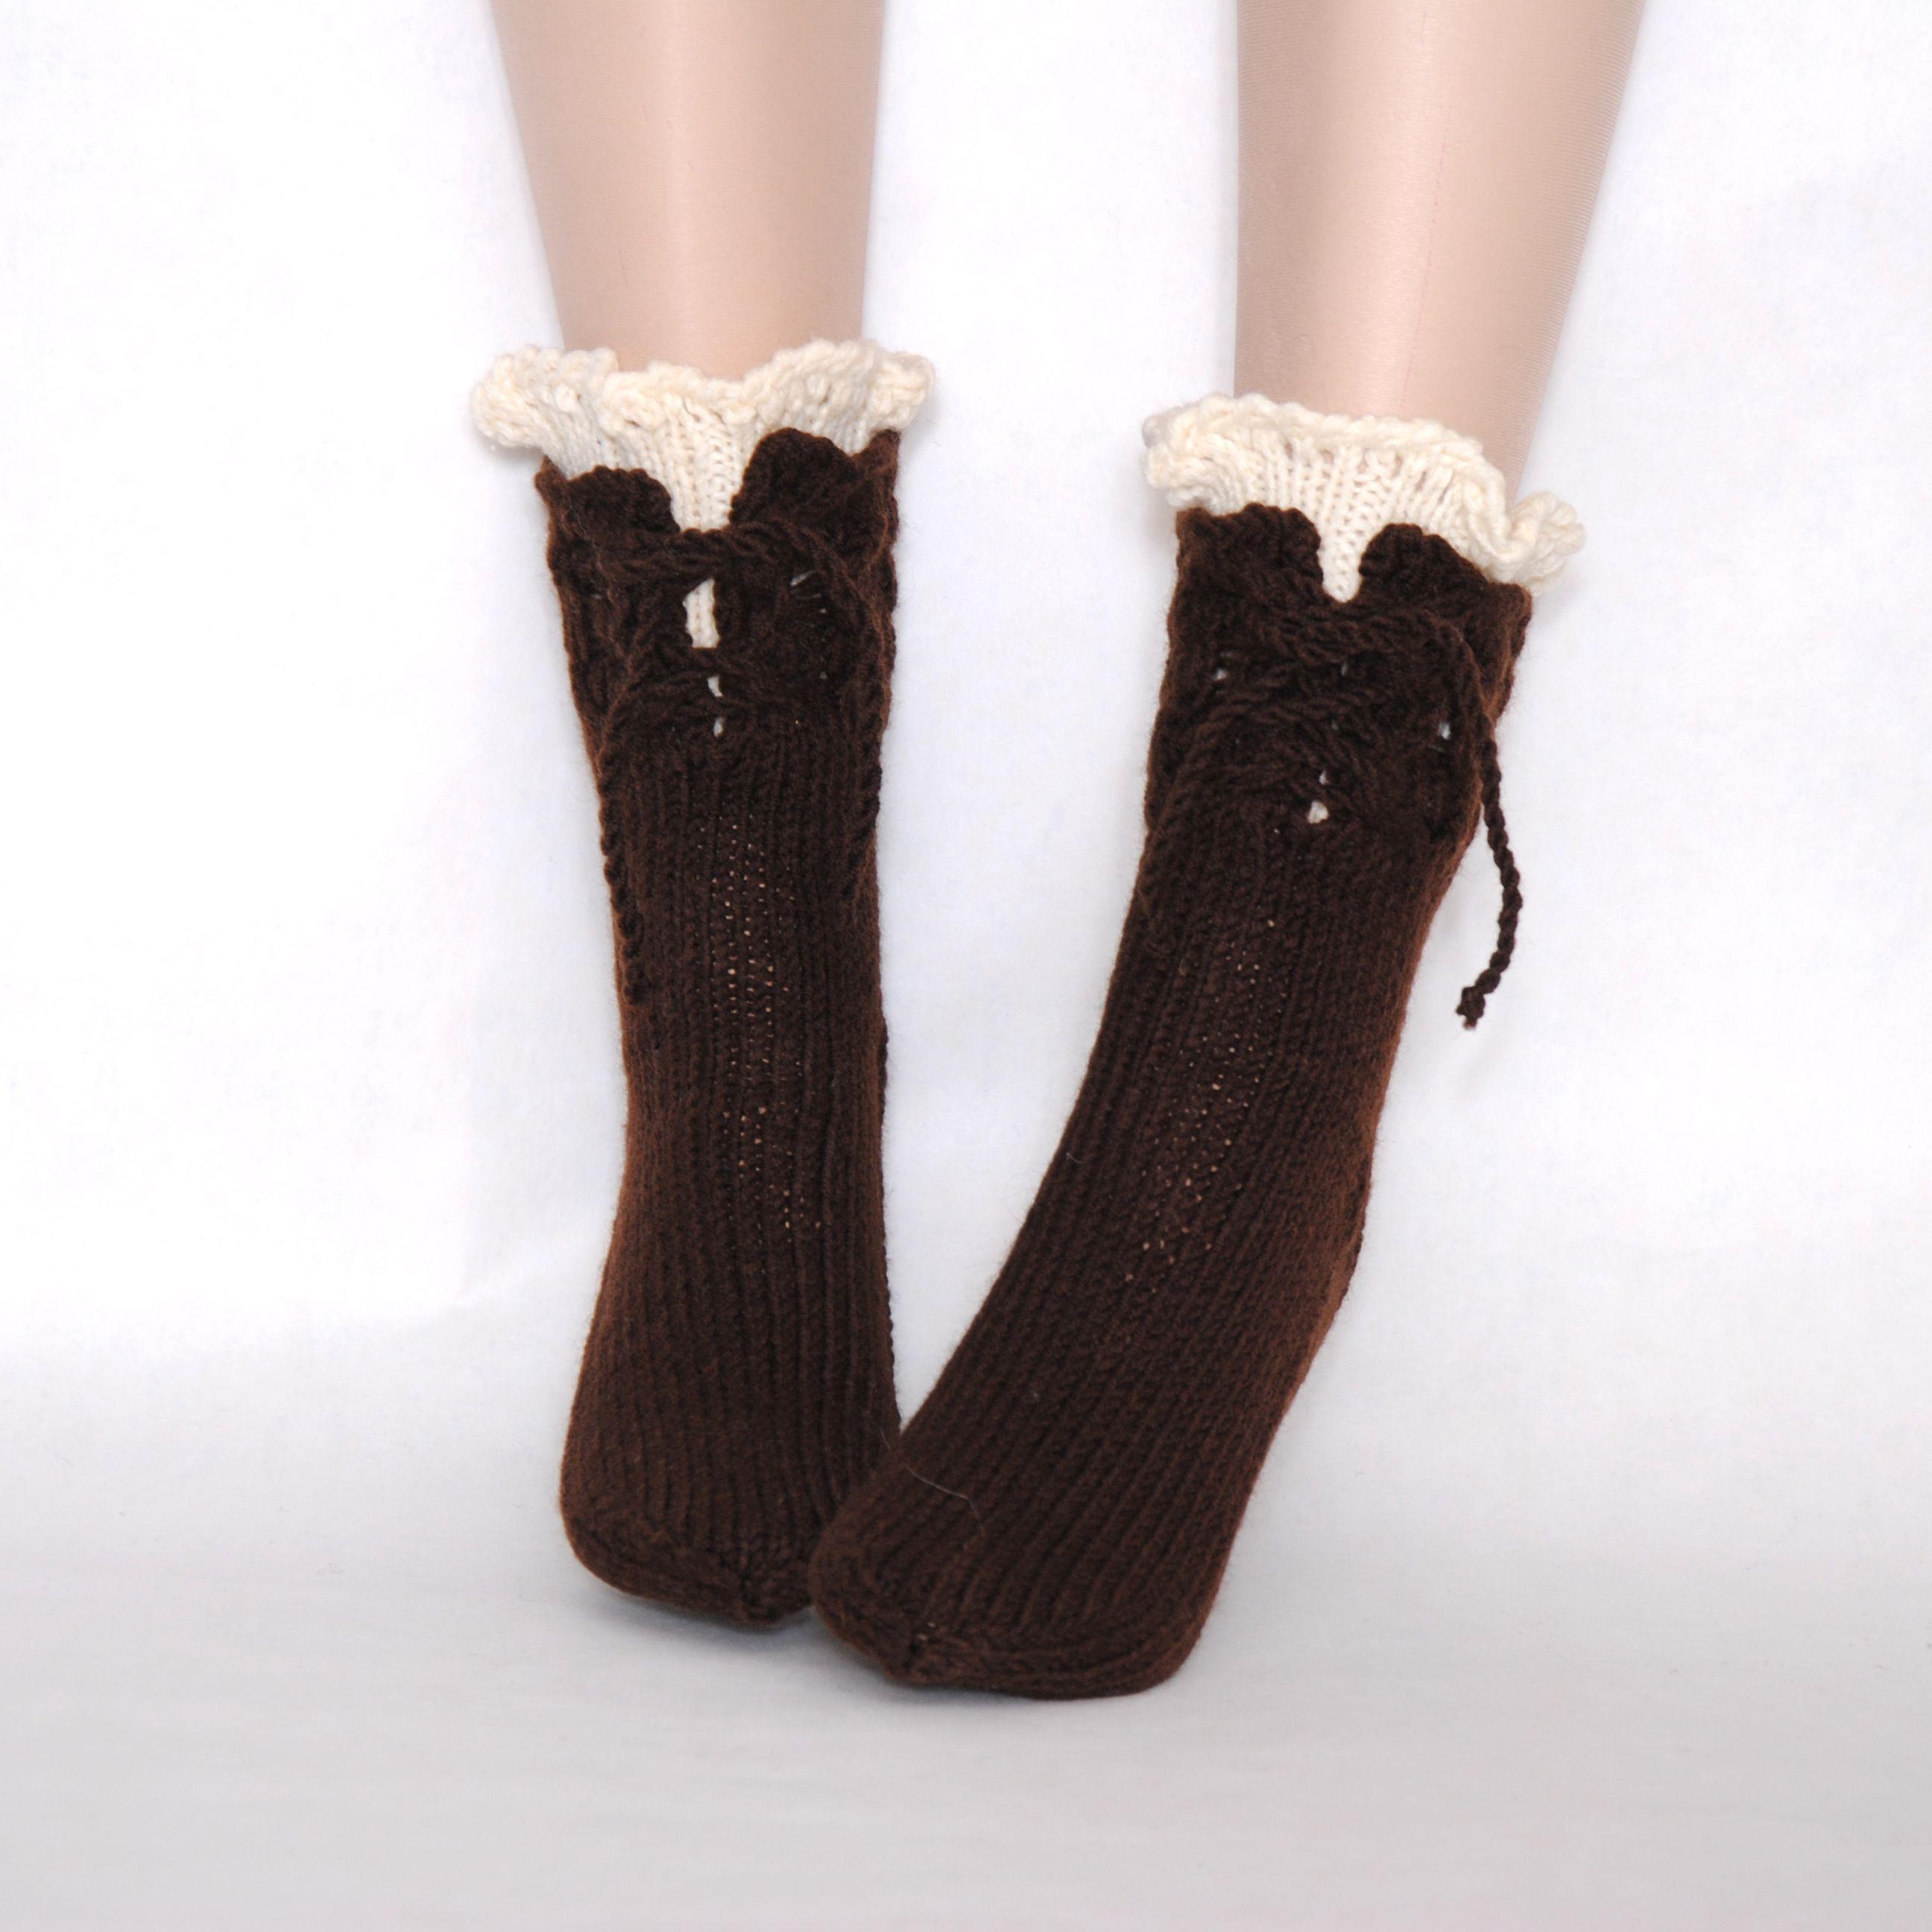 вязаные модные носочки купить шерстяные бохо год новый женские носки подарок